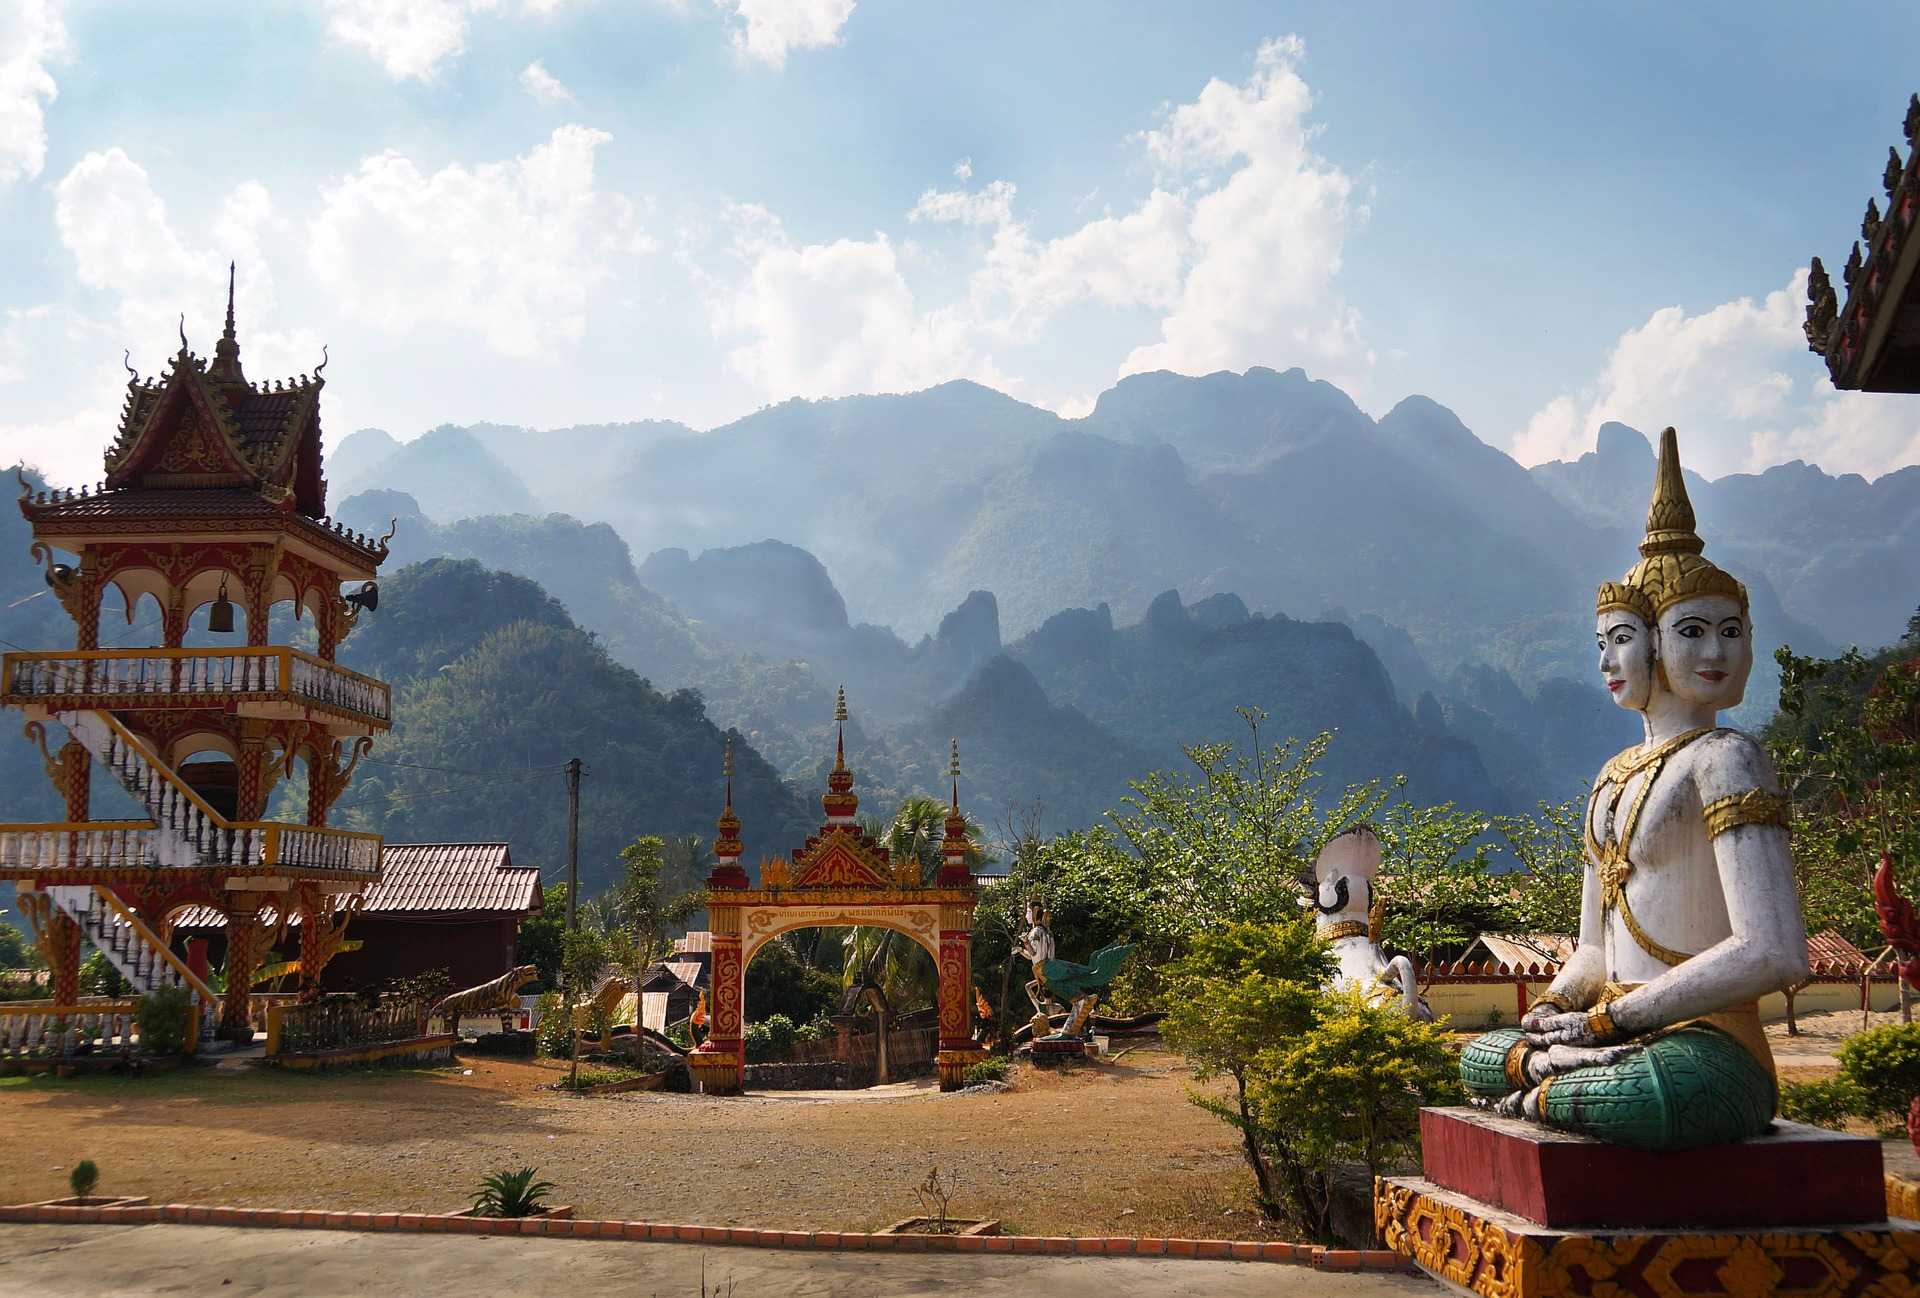 laos-2091194_1920